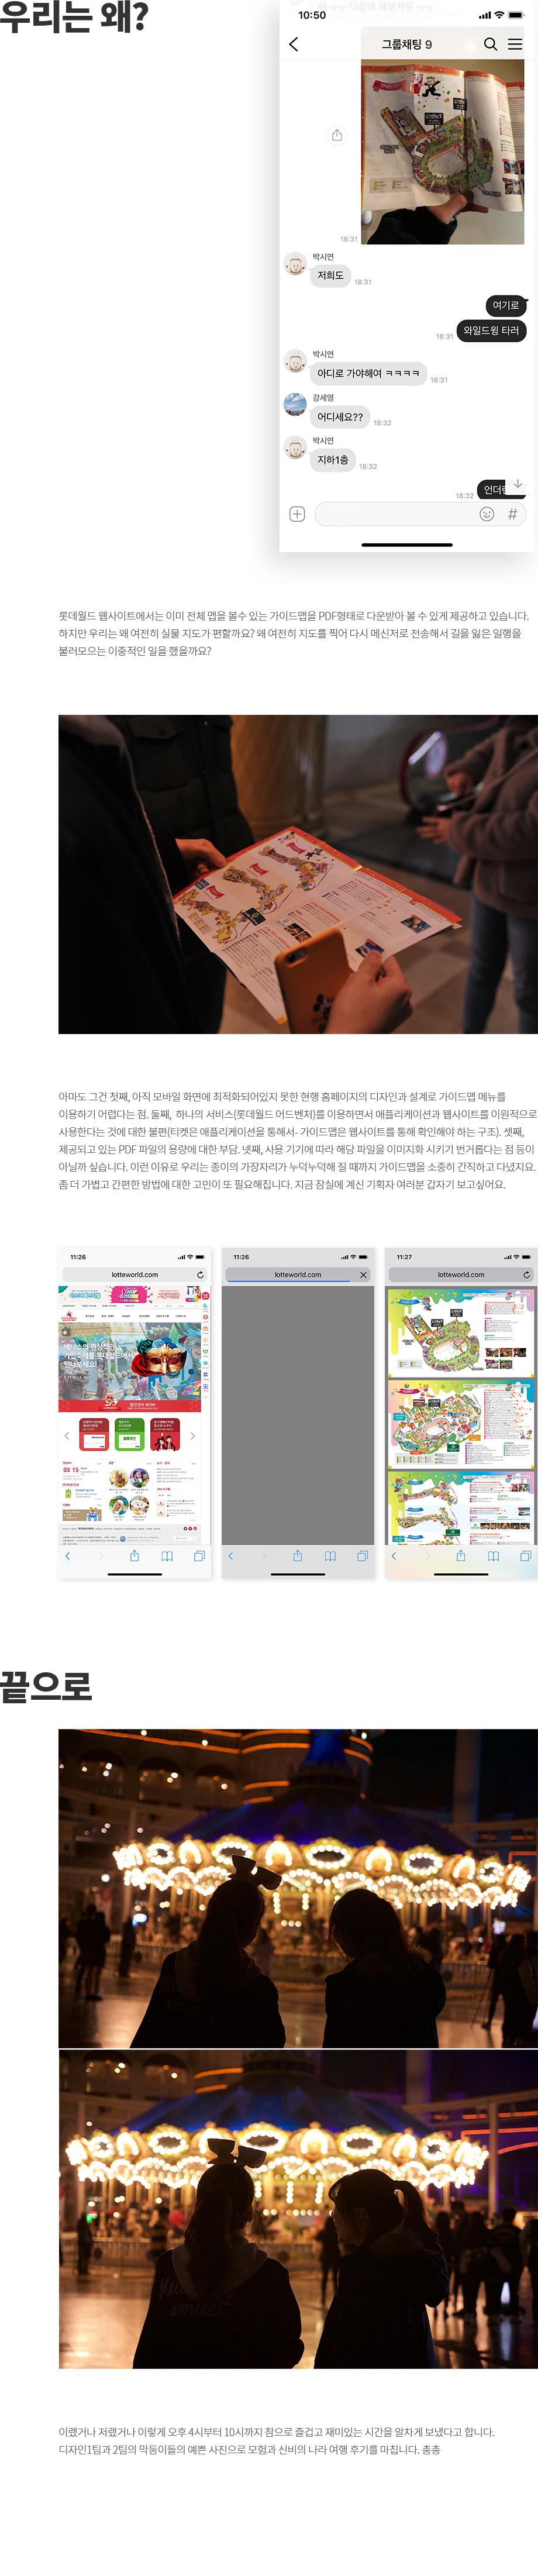 '가즈아, 모험과 신비의 나라로! 디자인팀의 롯데월드 탐방기